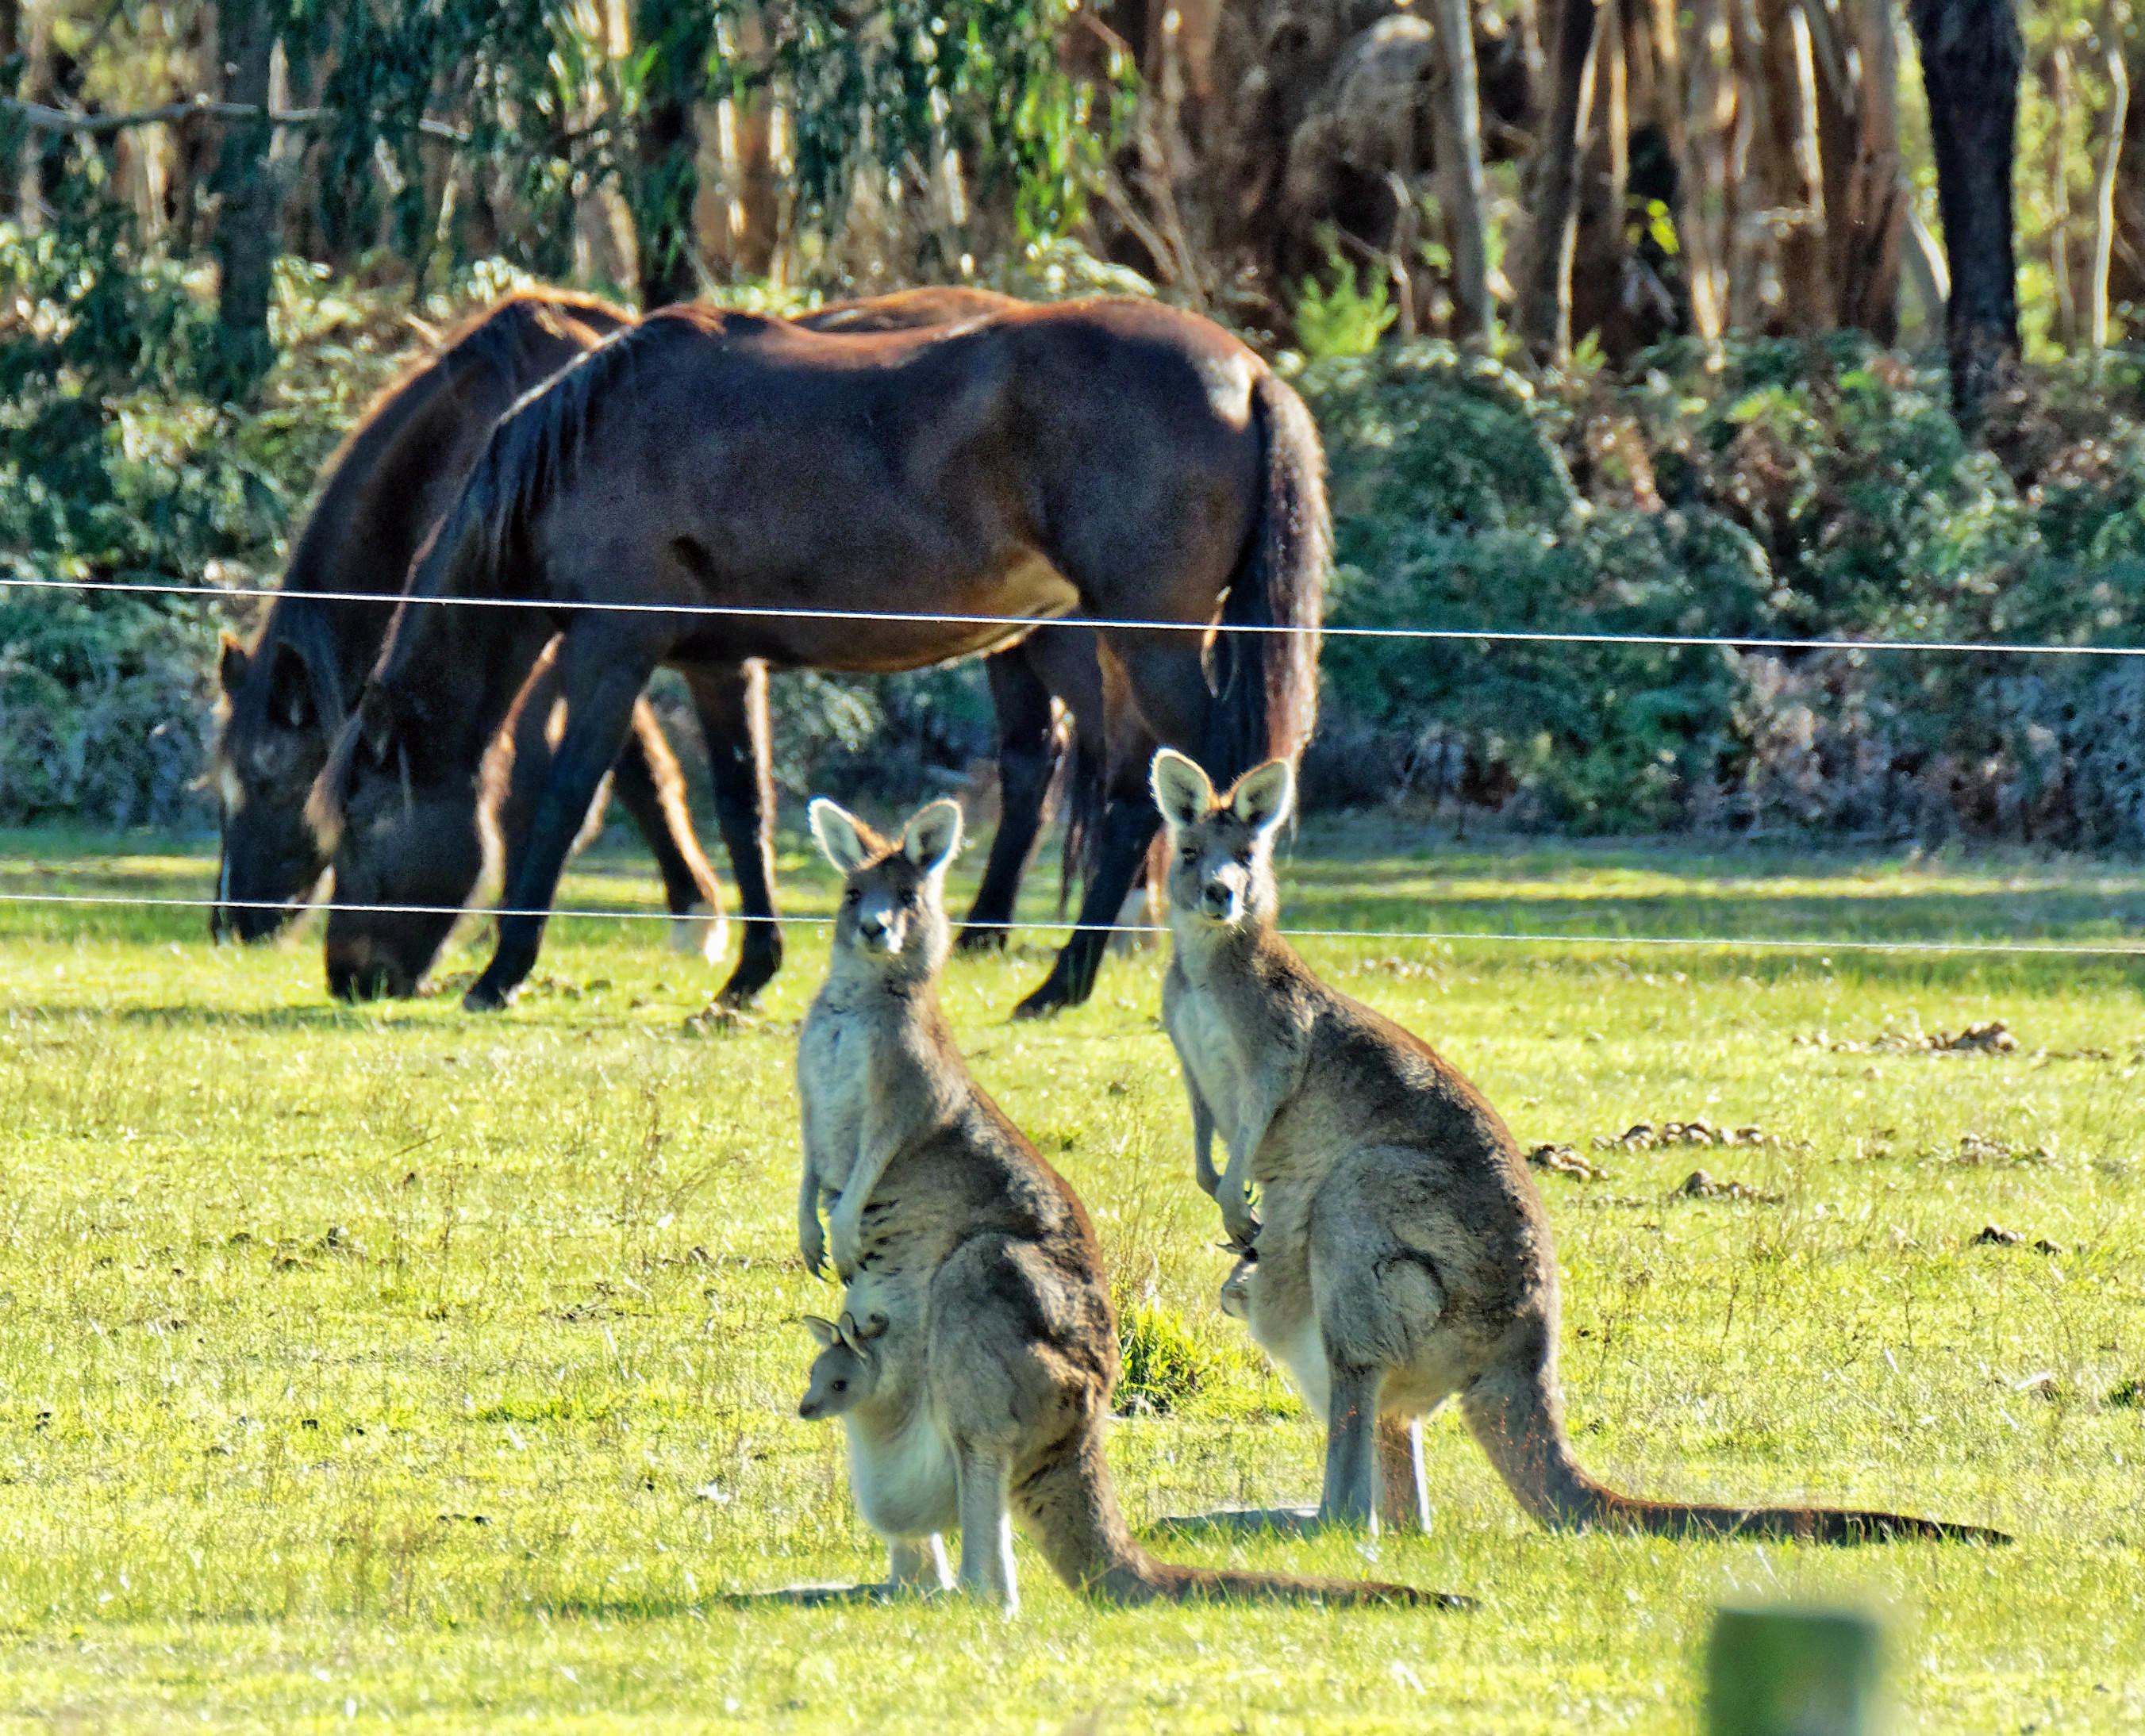 Kangaroos-48.jpeg